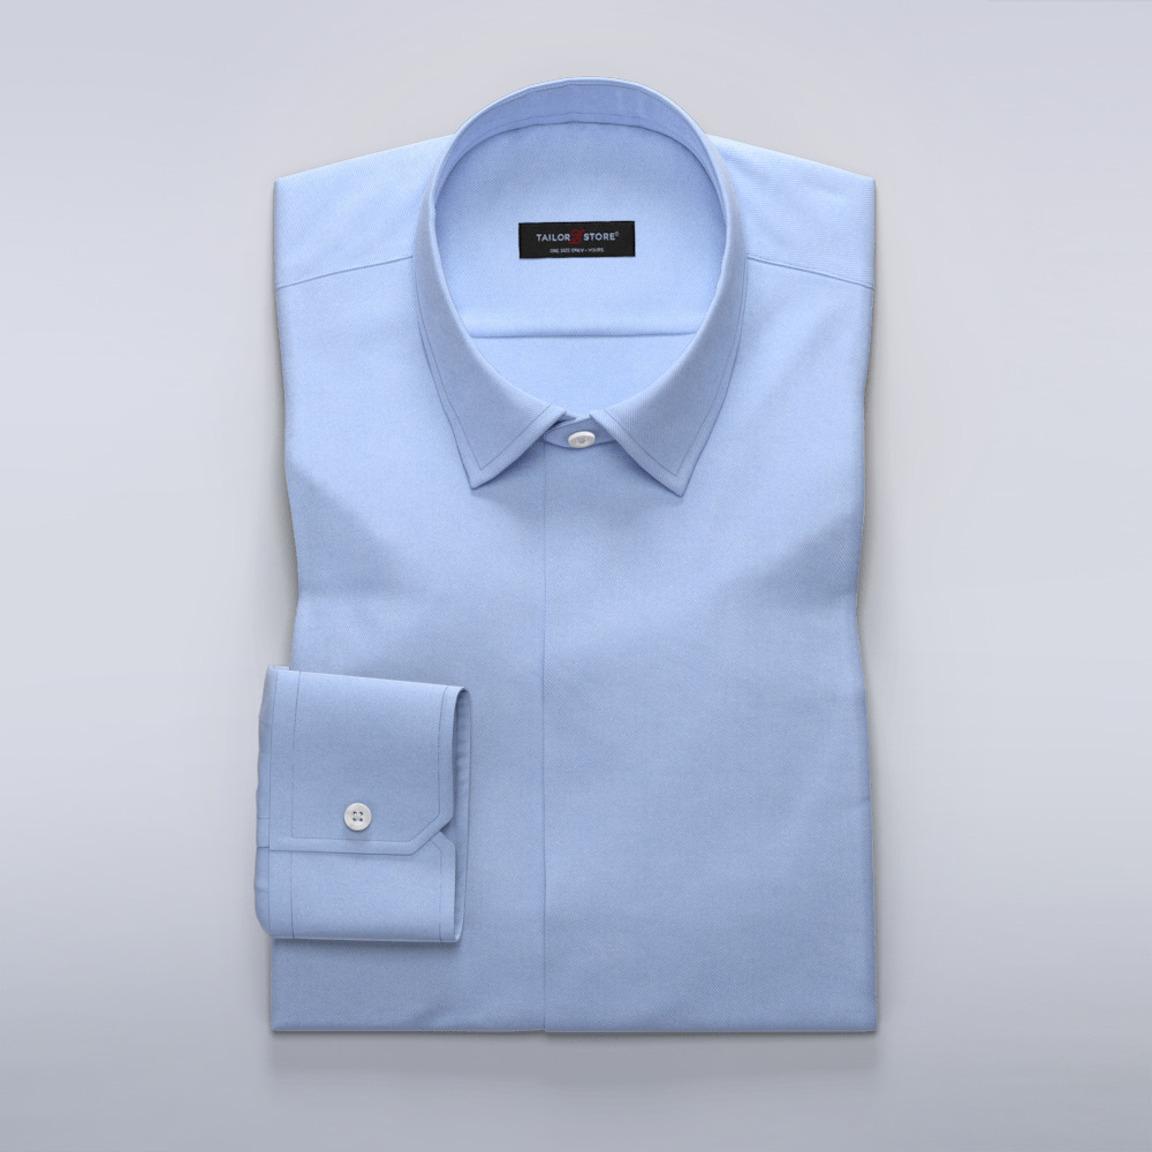 Business-skjortei blå twill for damer